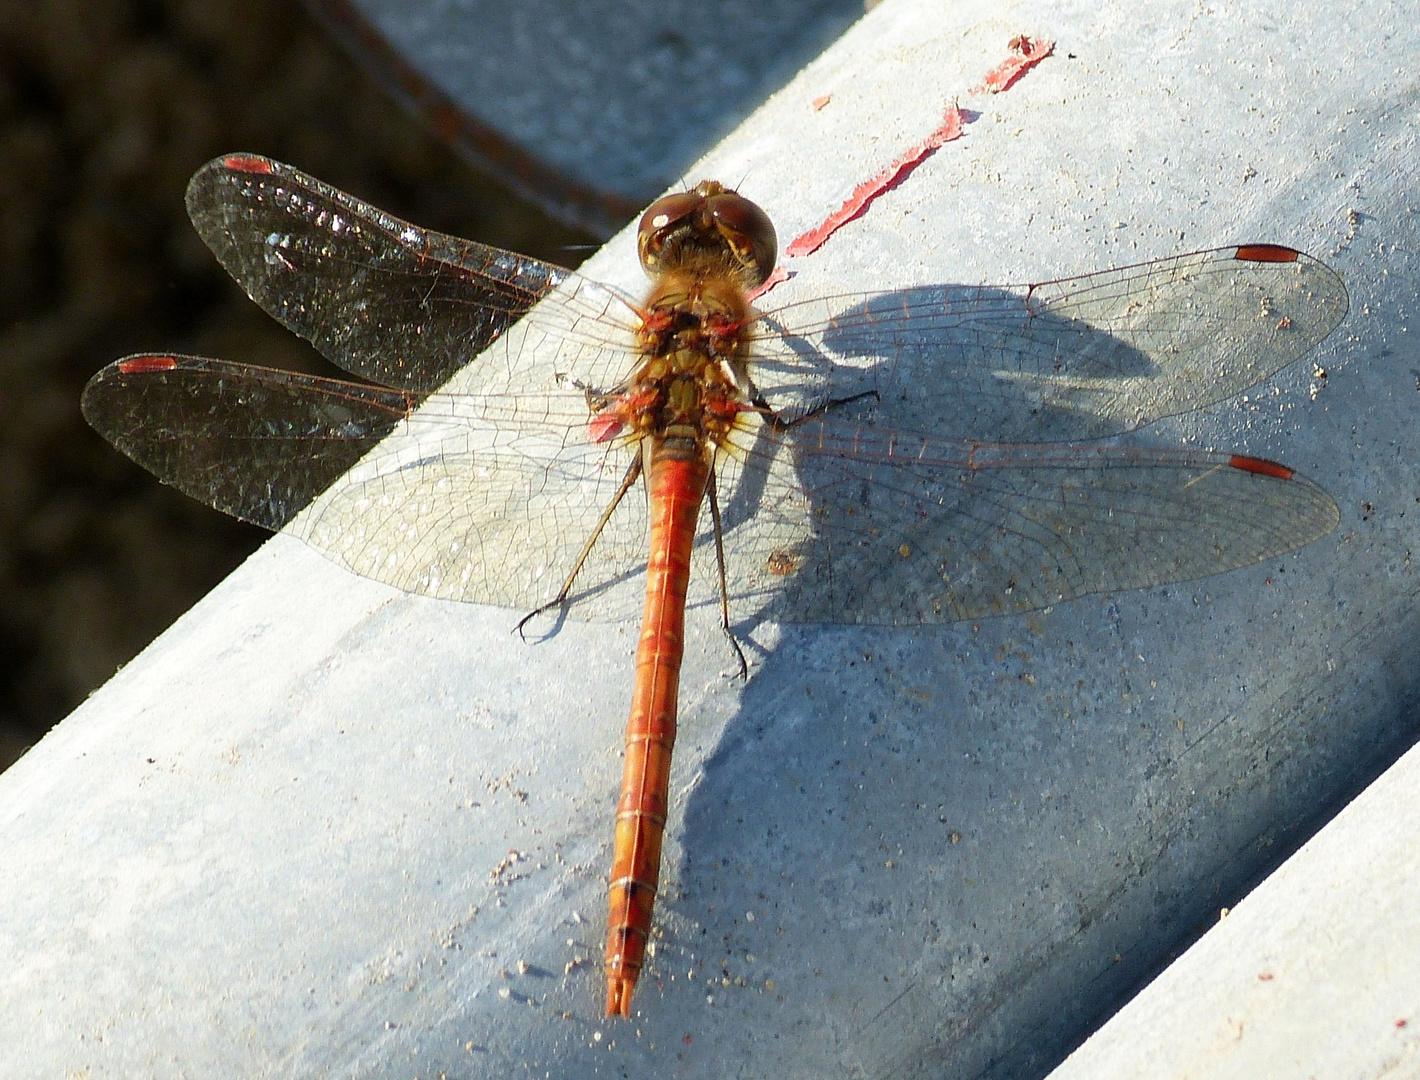 Flugkünstler Rote Libelle